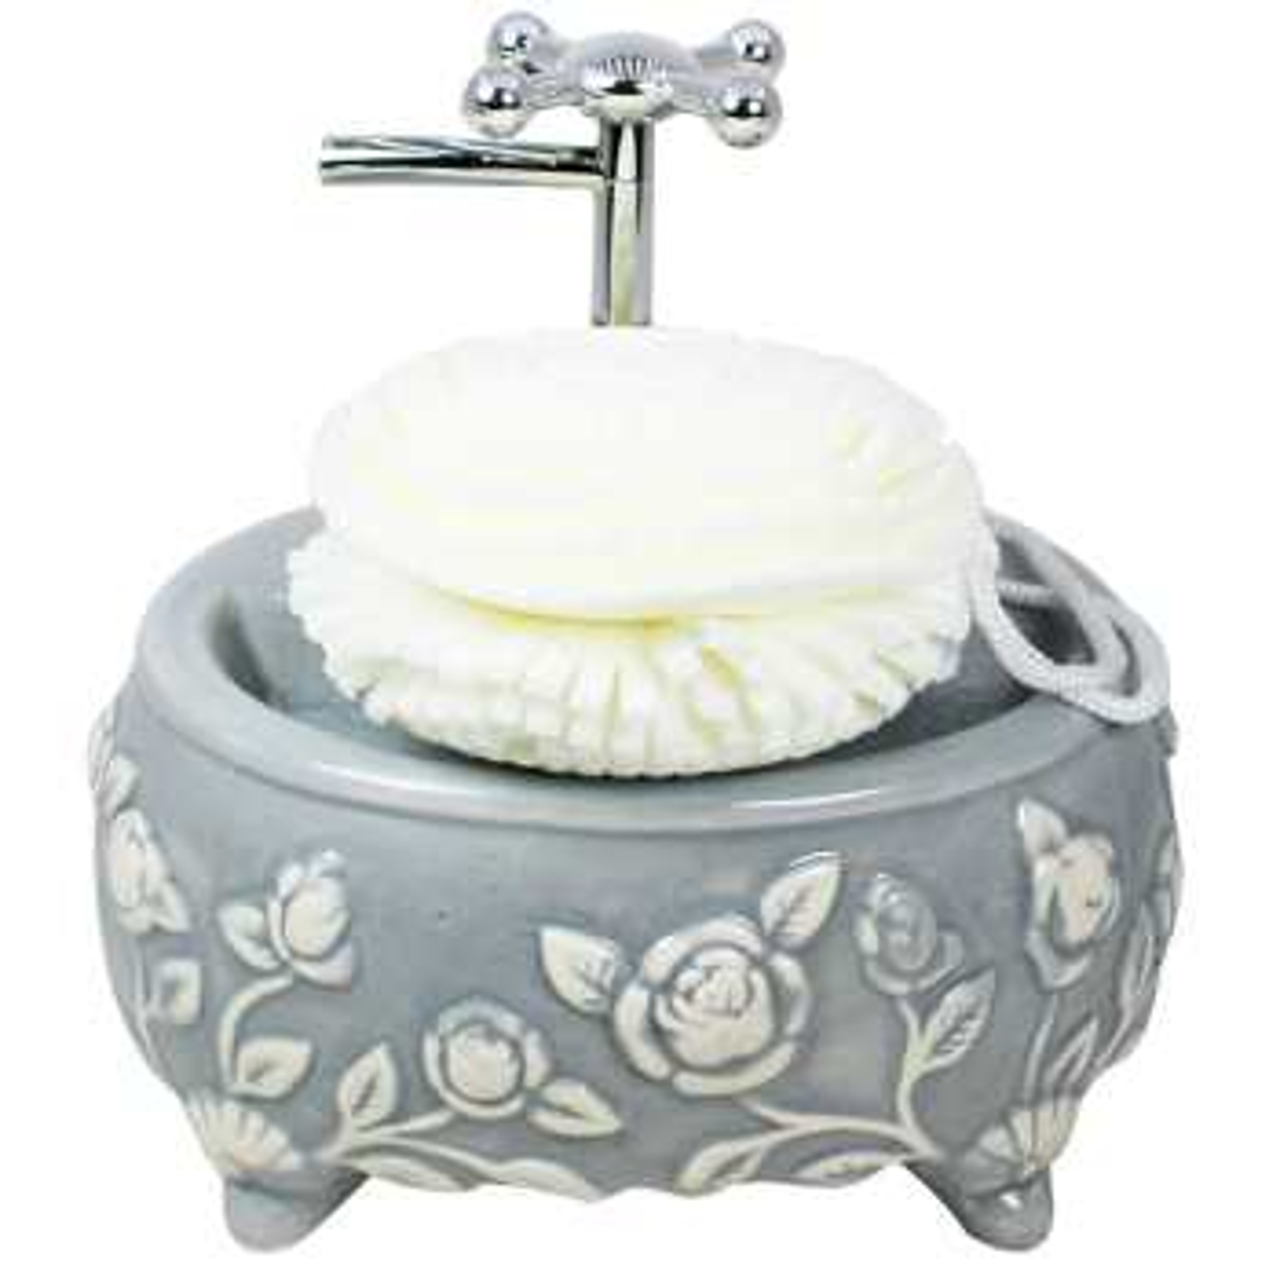 پمپ مایع ظرفشویی مدل Flower 02